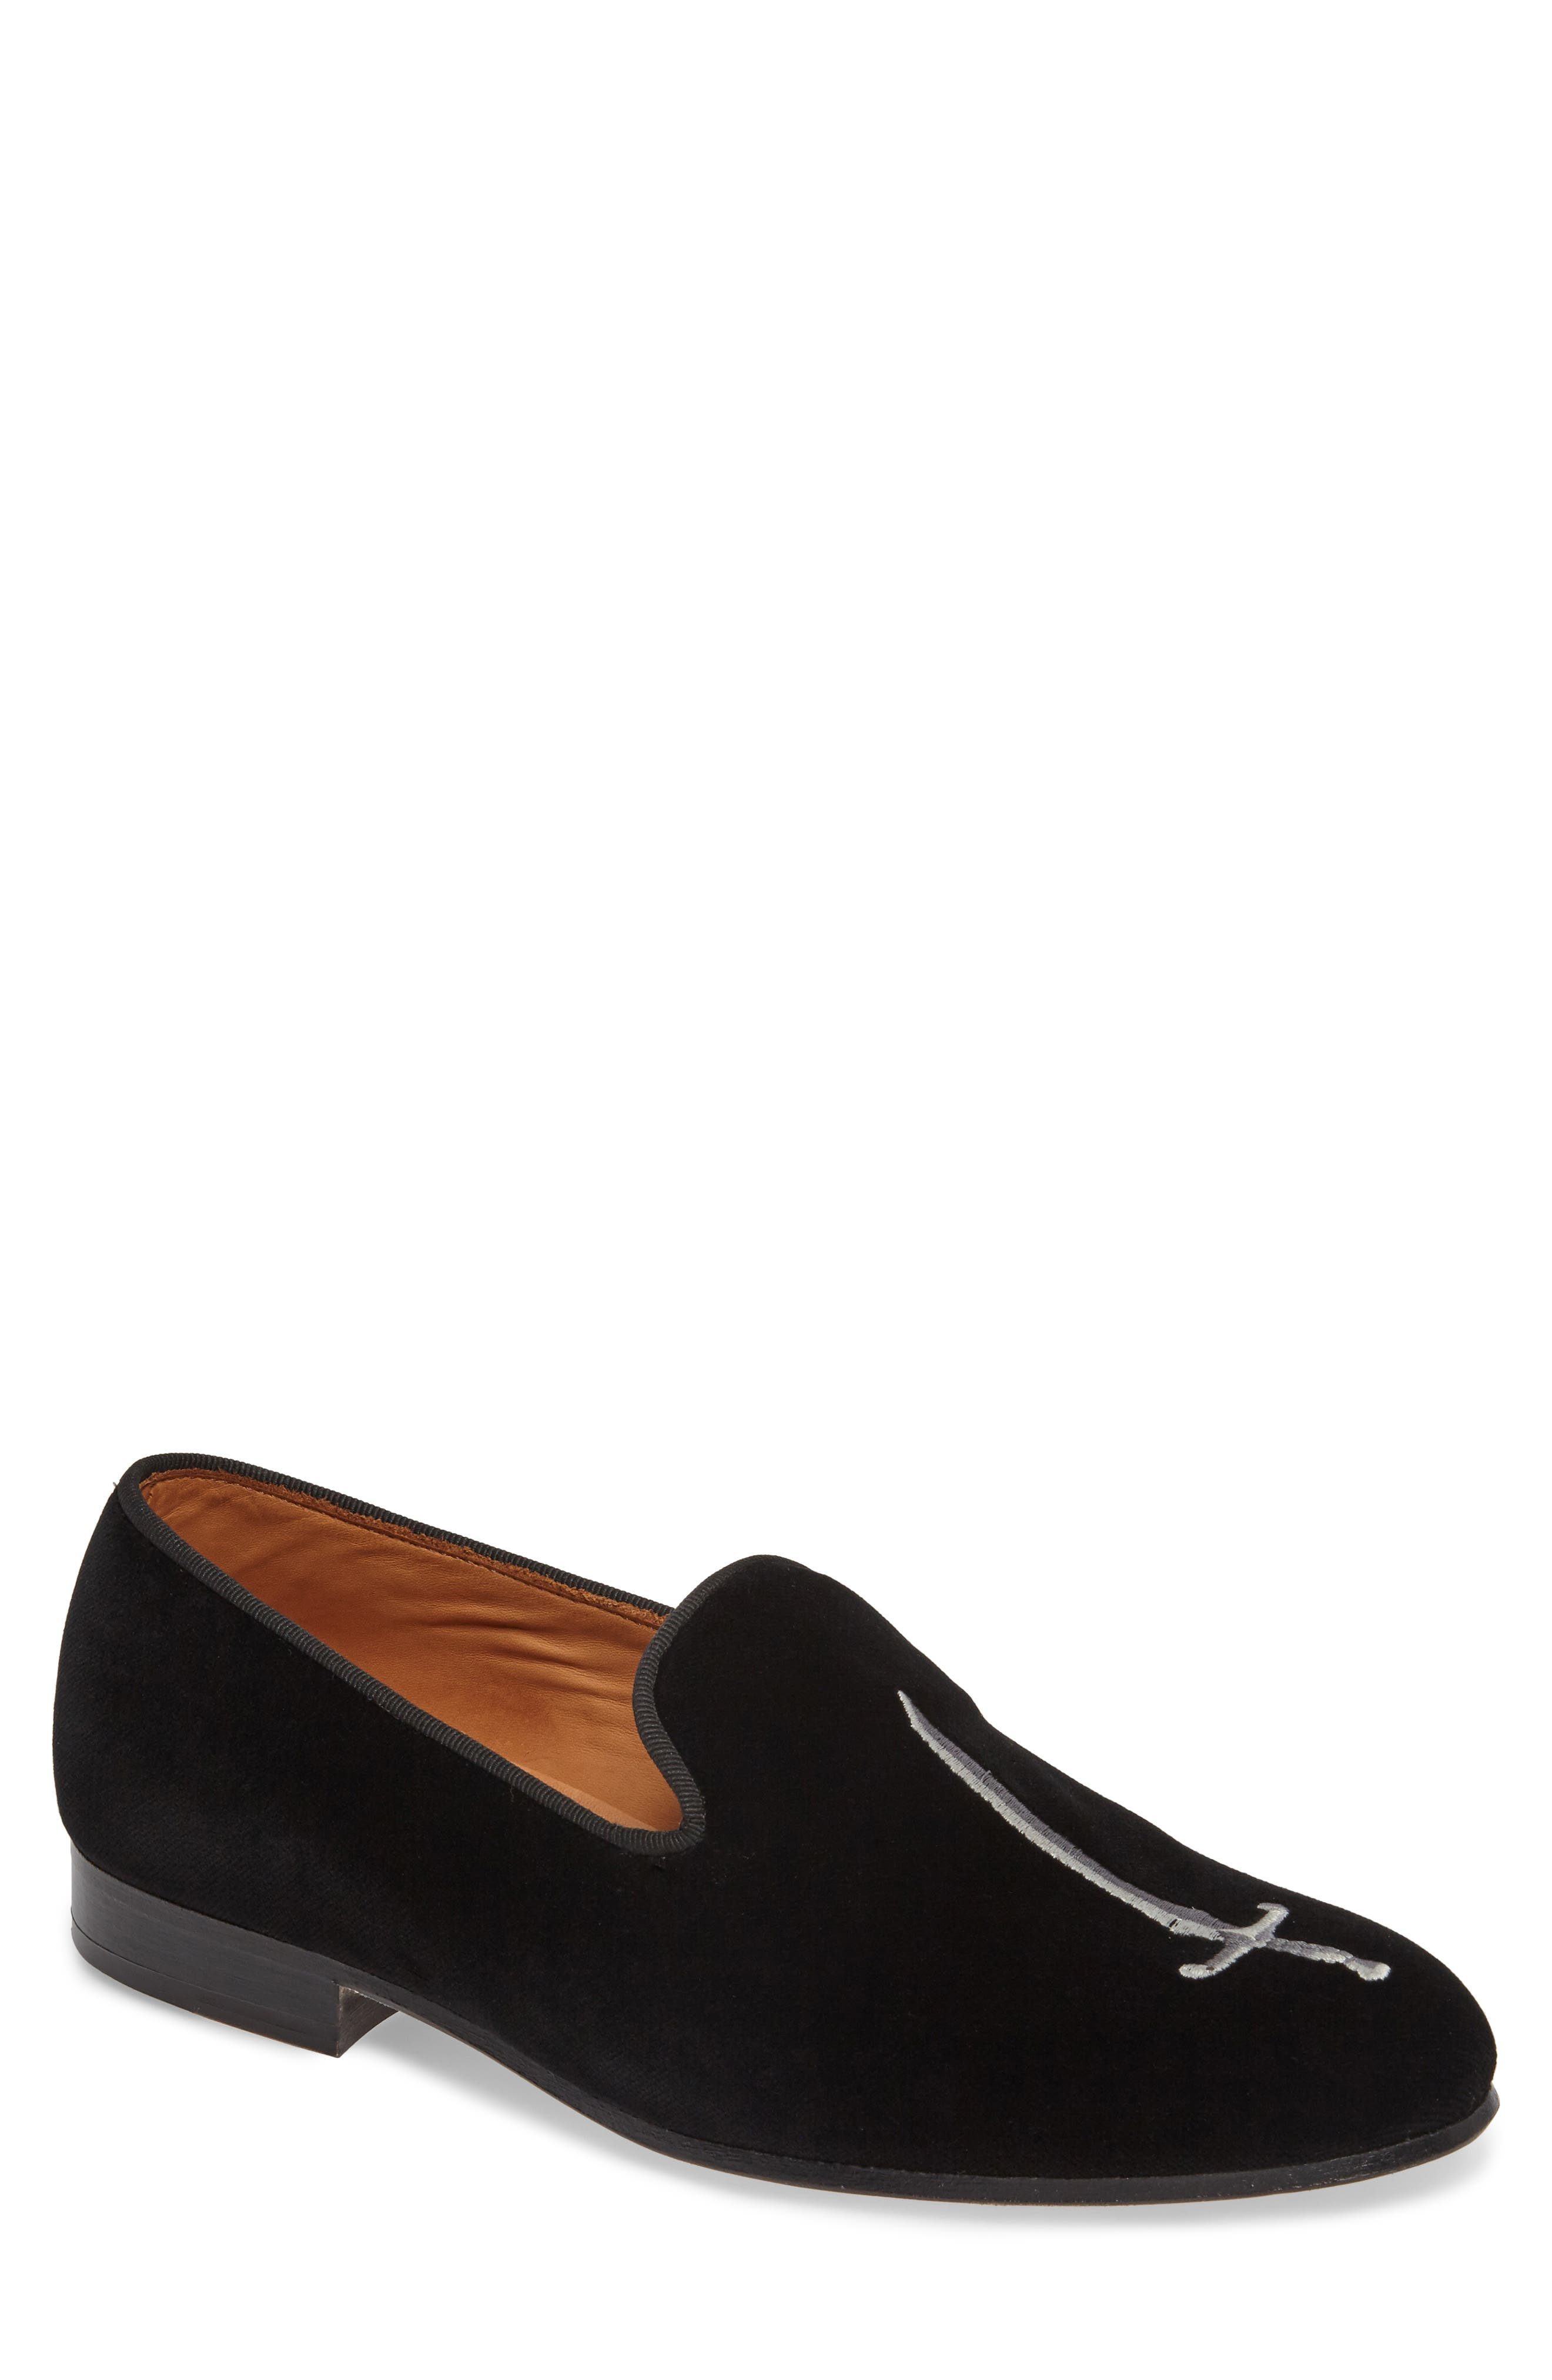 Bravi 2 Loafer,                         Main,                         color, BLACK LEATHER